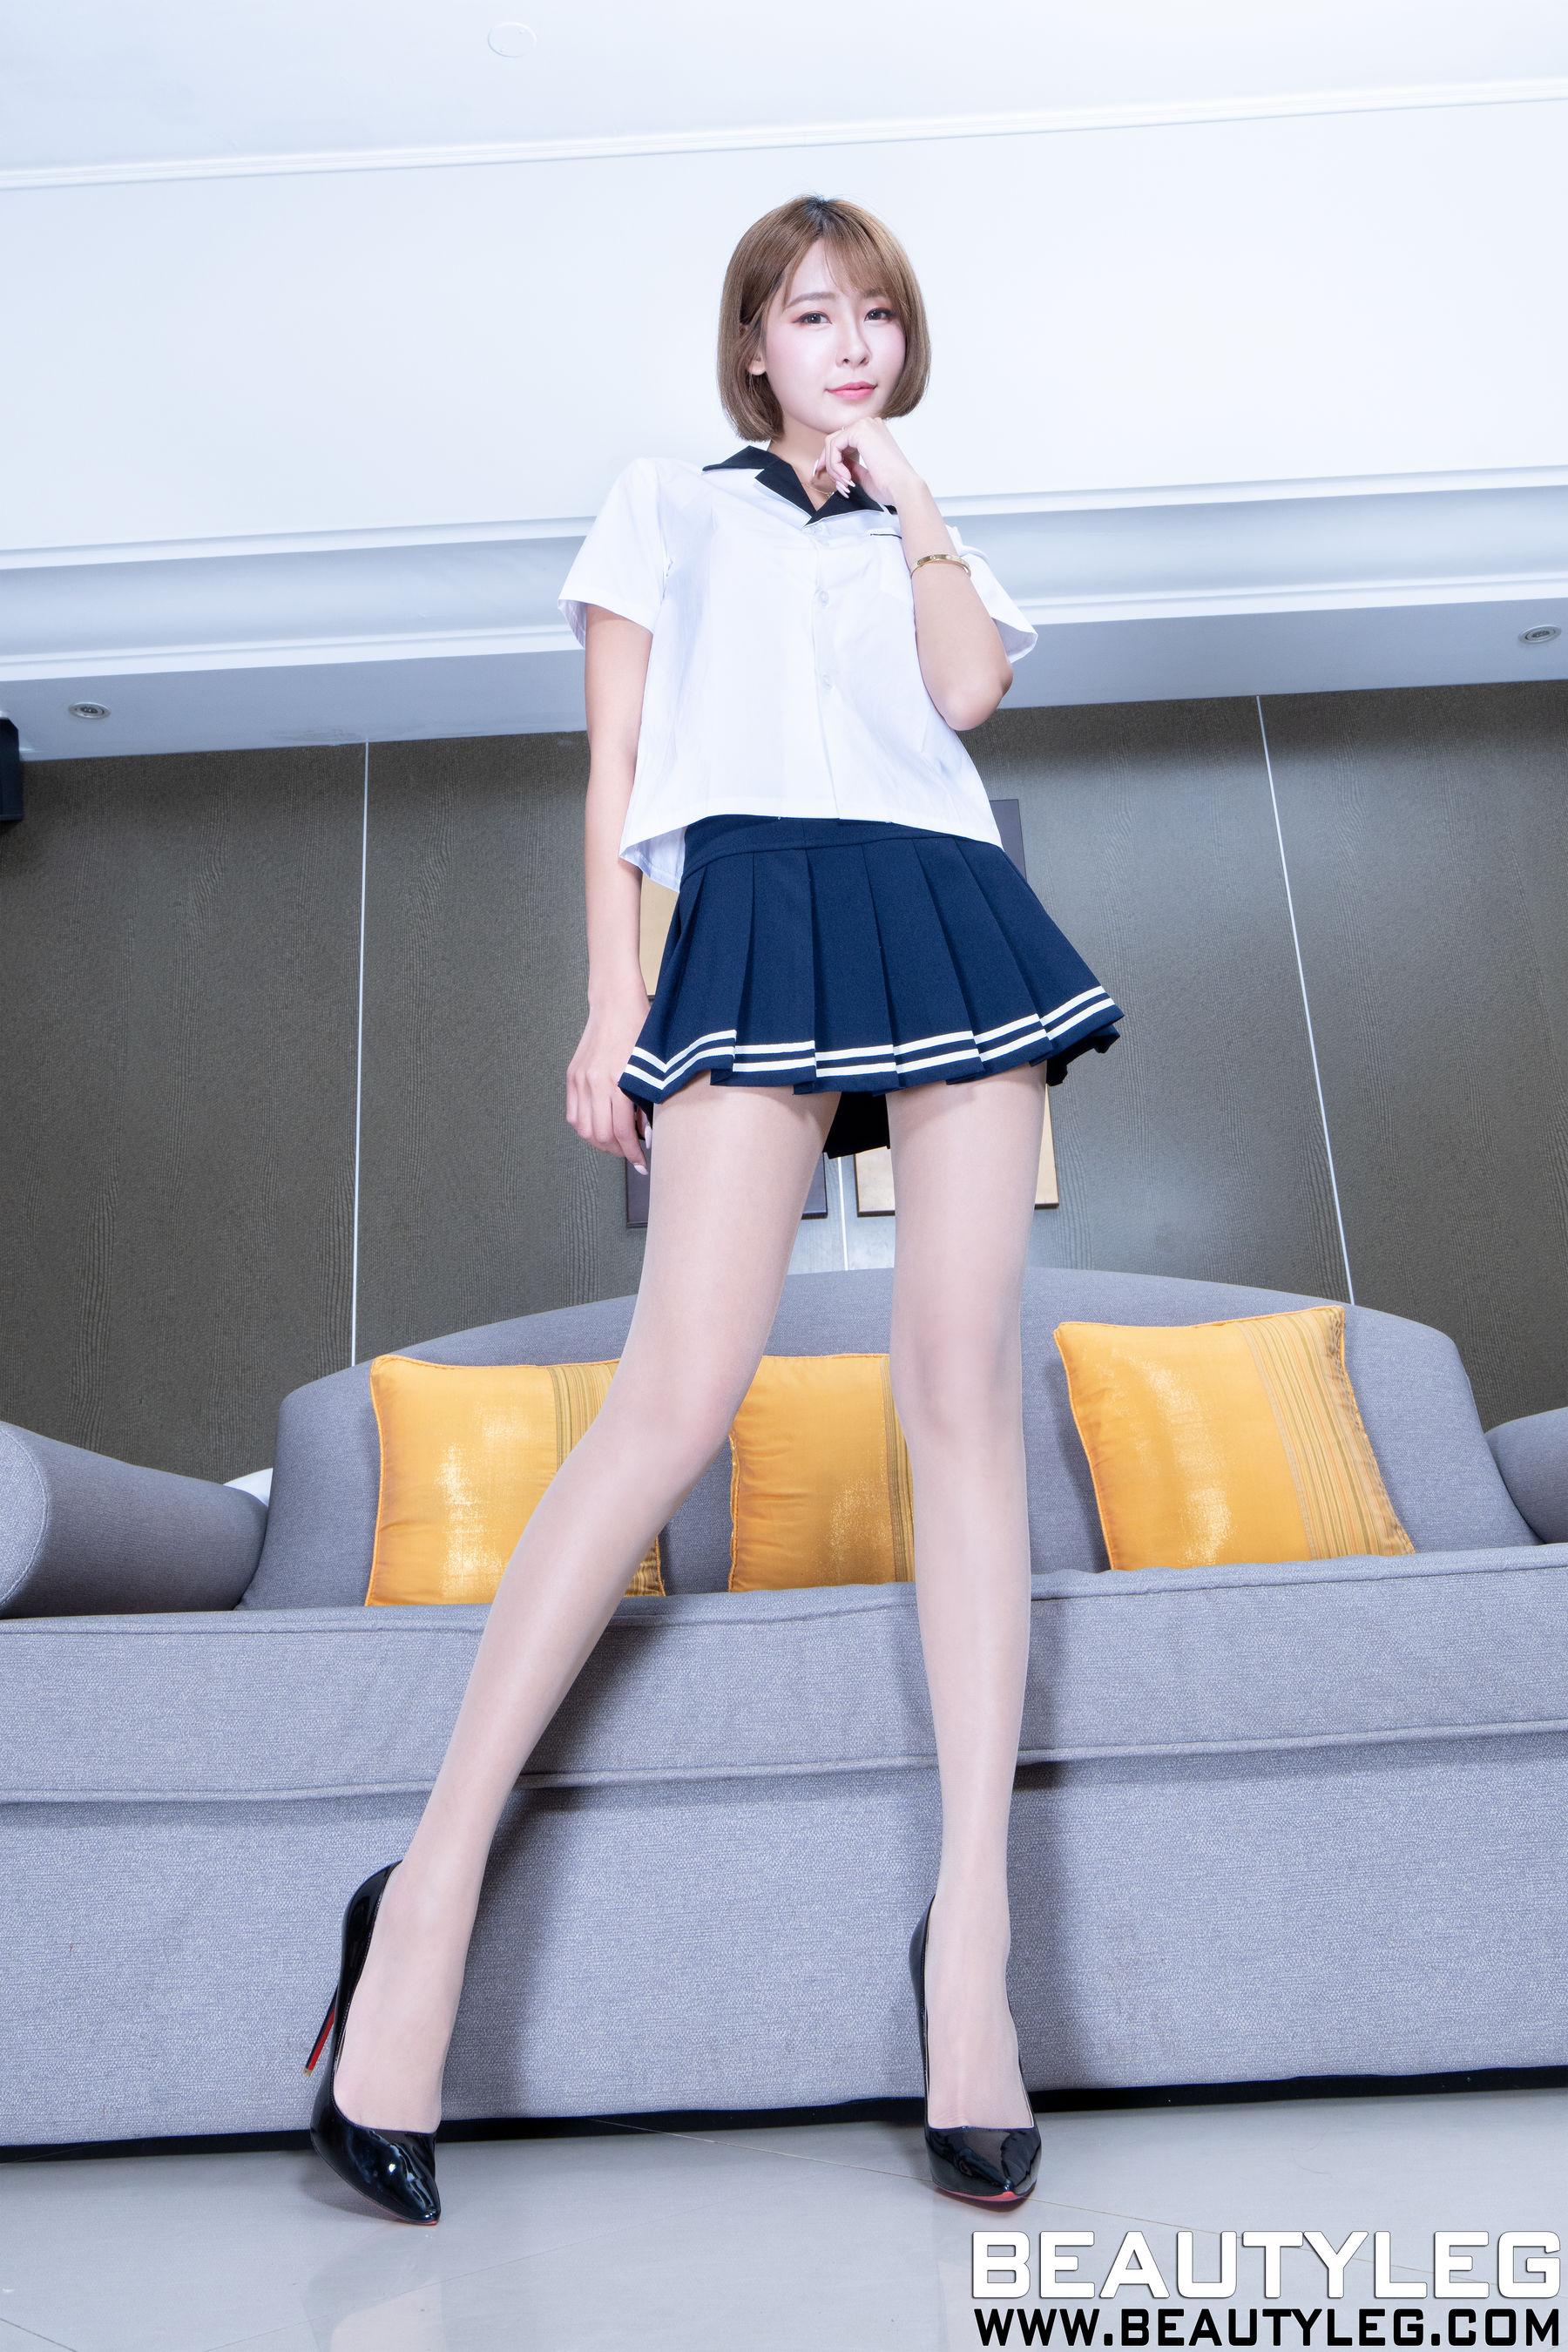 VOL.1815 [Beautyleg]高跟美腿:Winnie小雪(庄咏惠,庄温妮,腿模Winnie)超高清个人性感漂亮大图(36P)